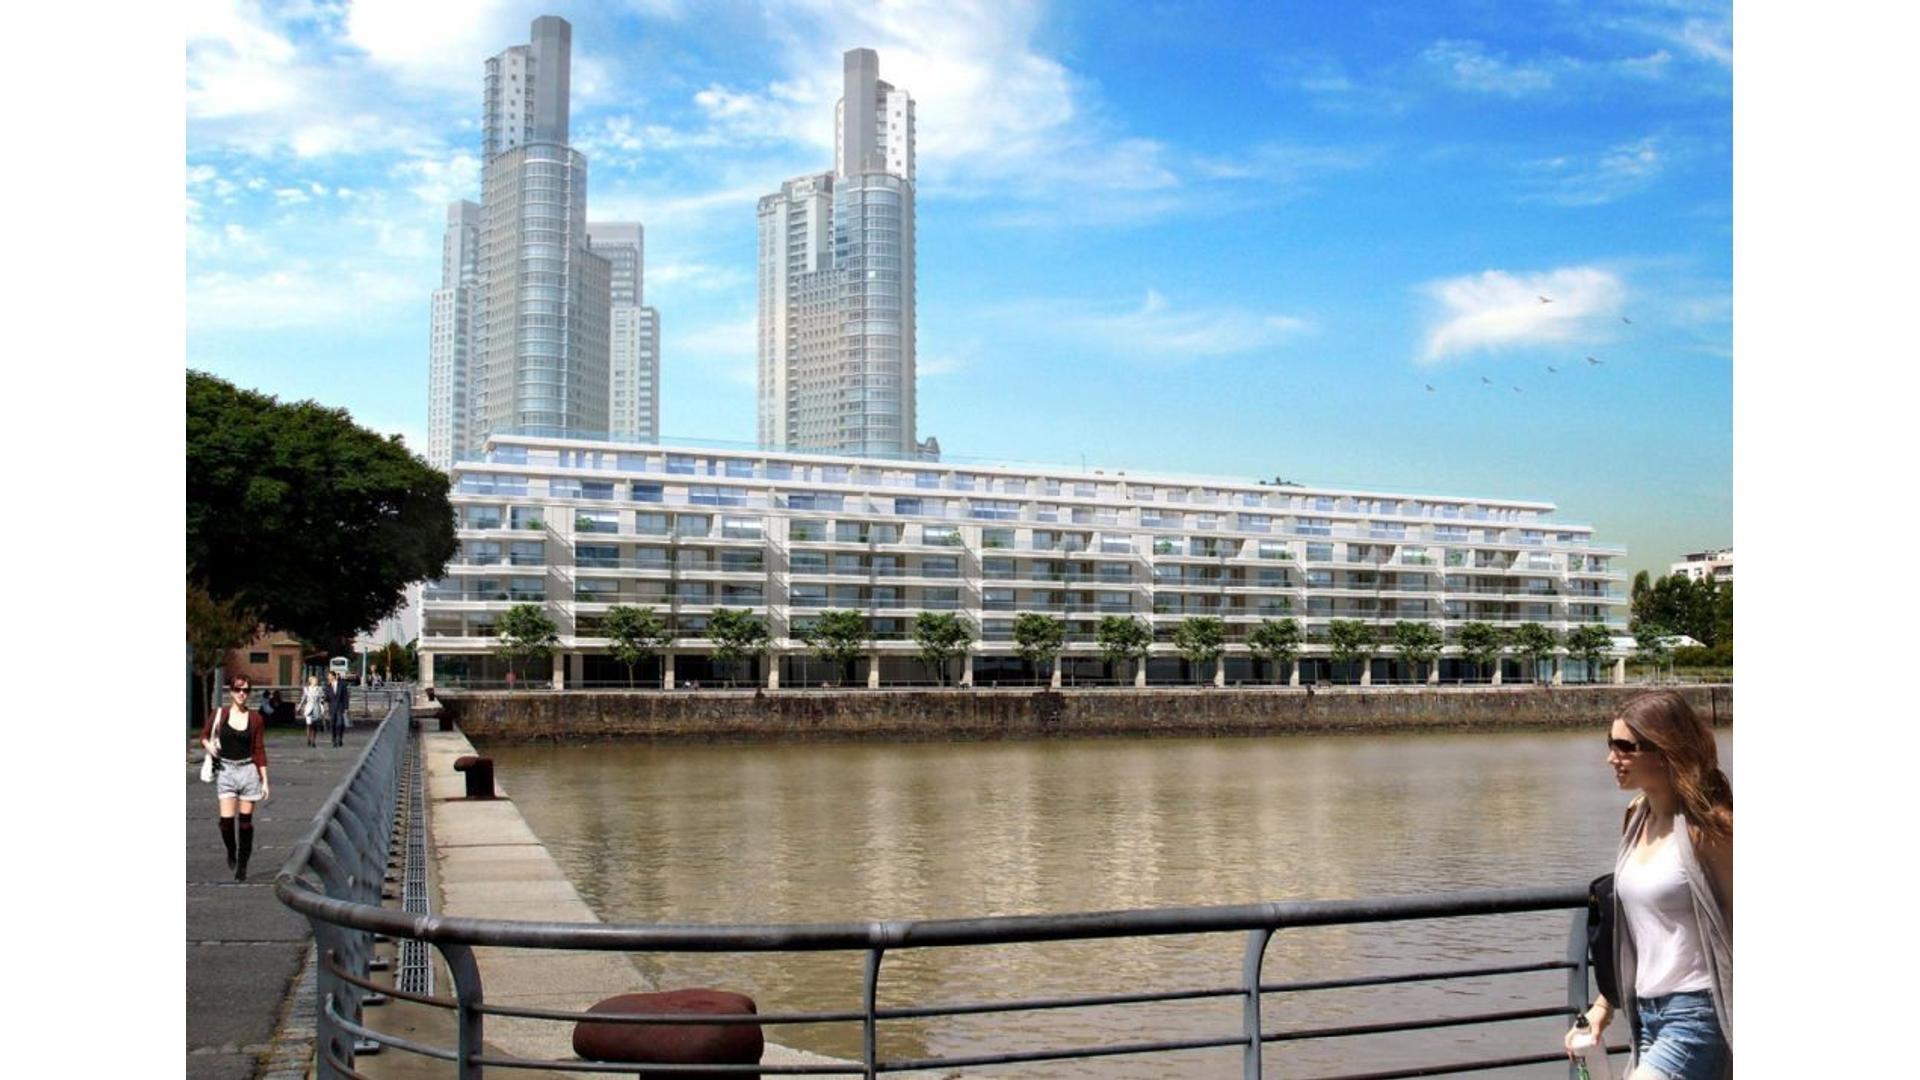 Departamento  en Alquiler ubicado en Puerto Madero, Capital Federal - MAD0880_LP85386_2